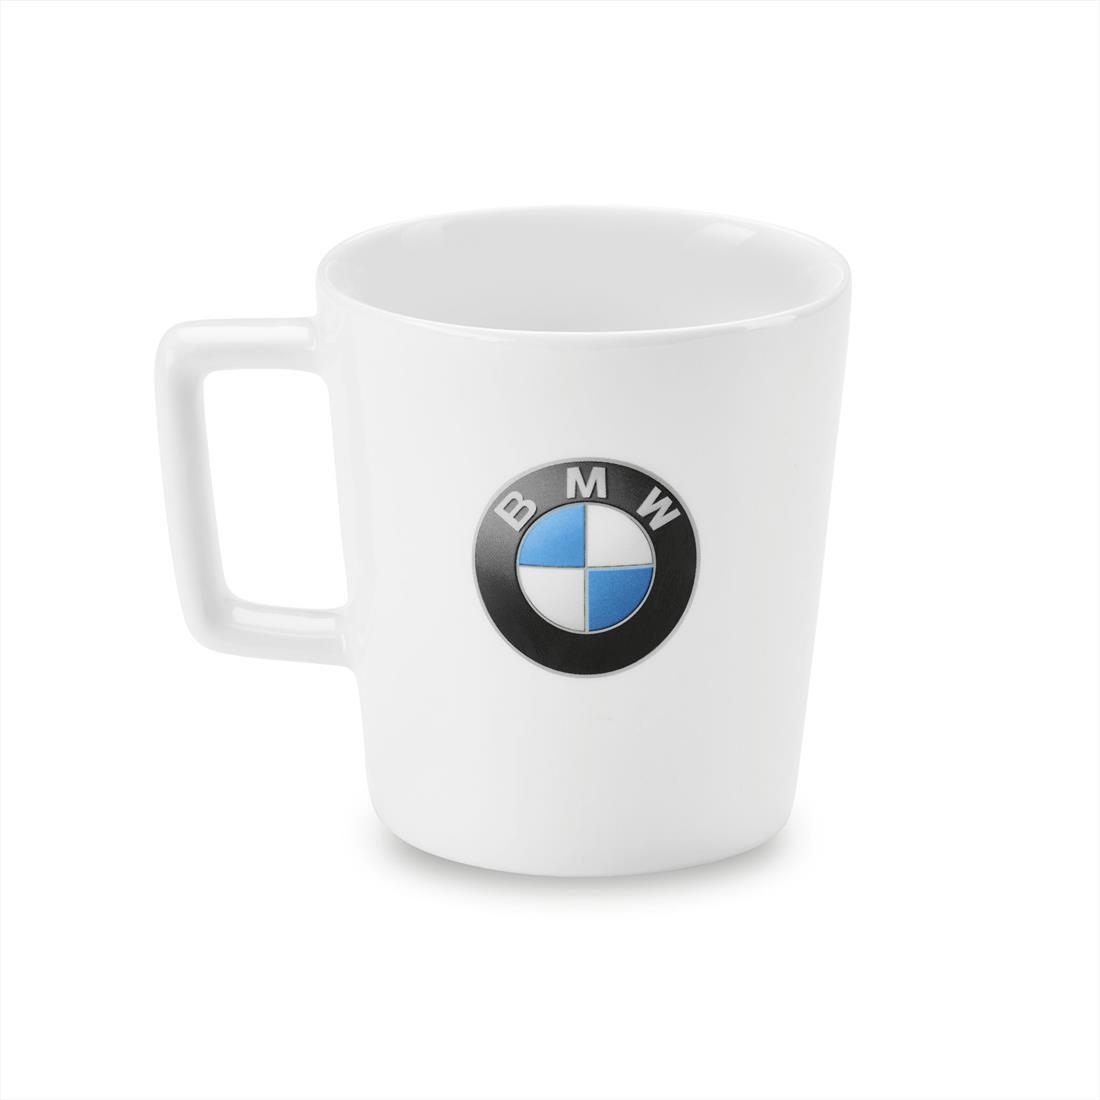 BMW LOGO CUP